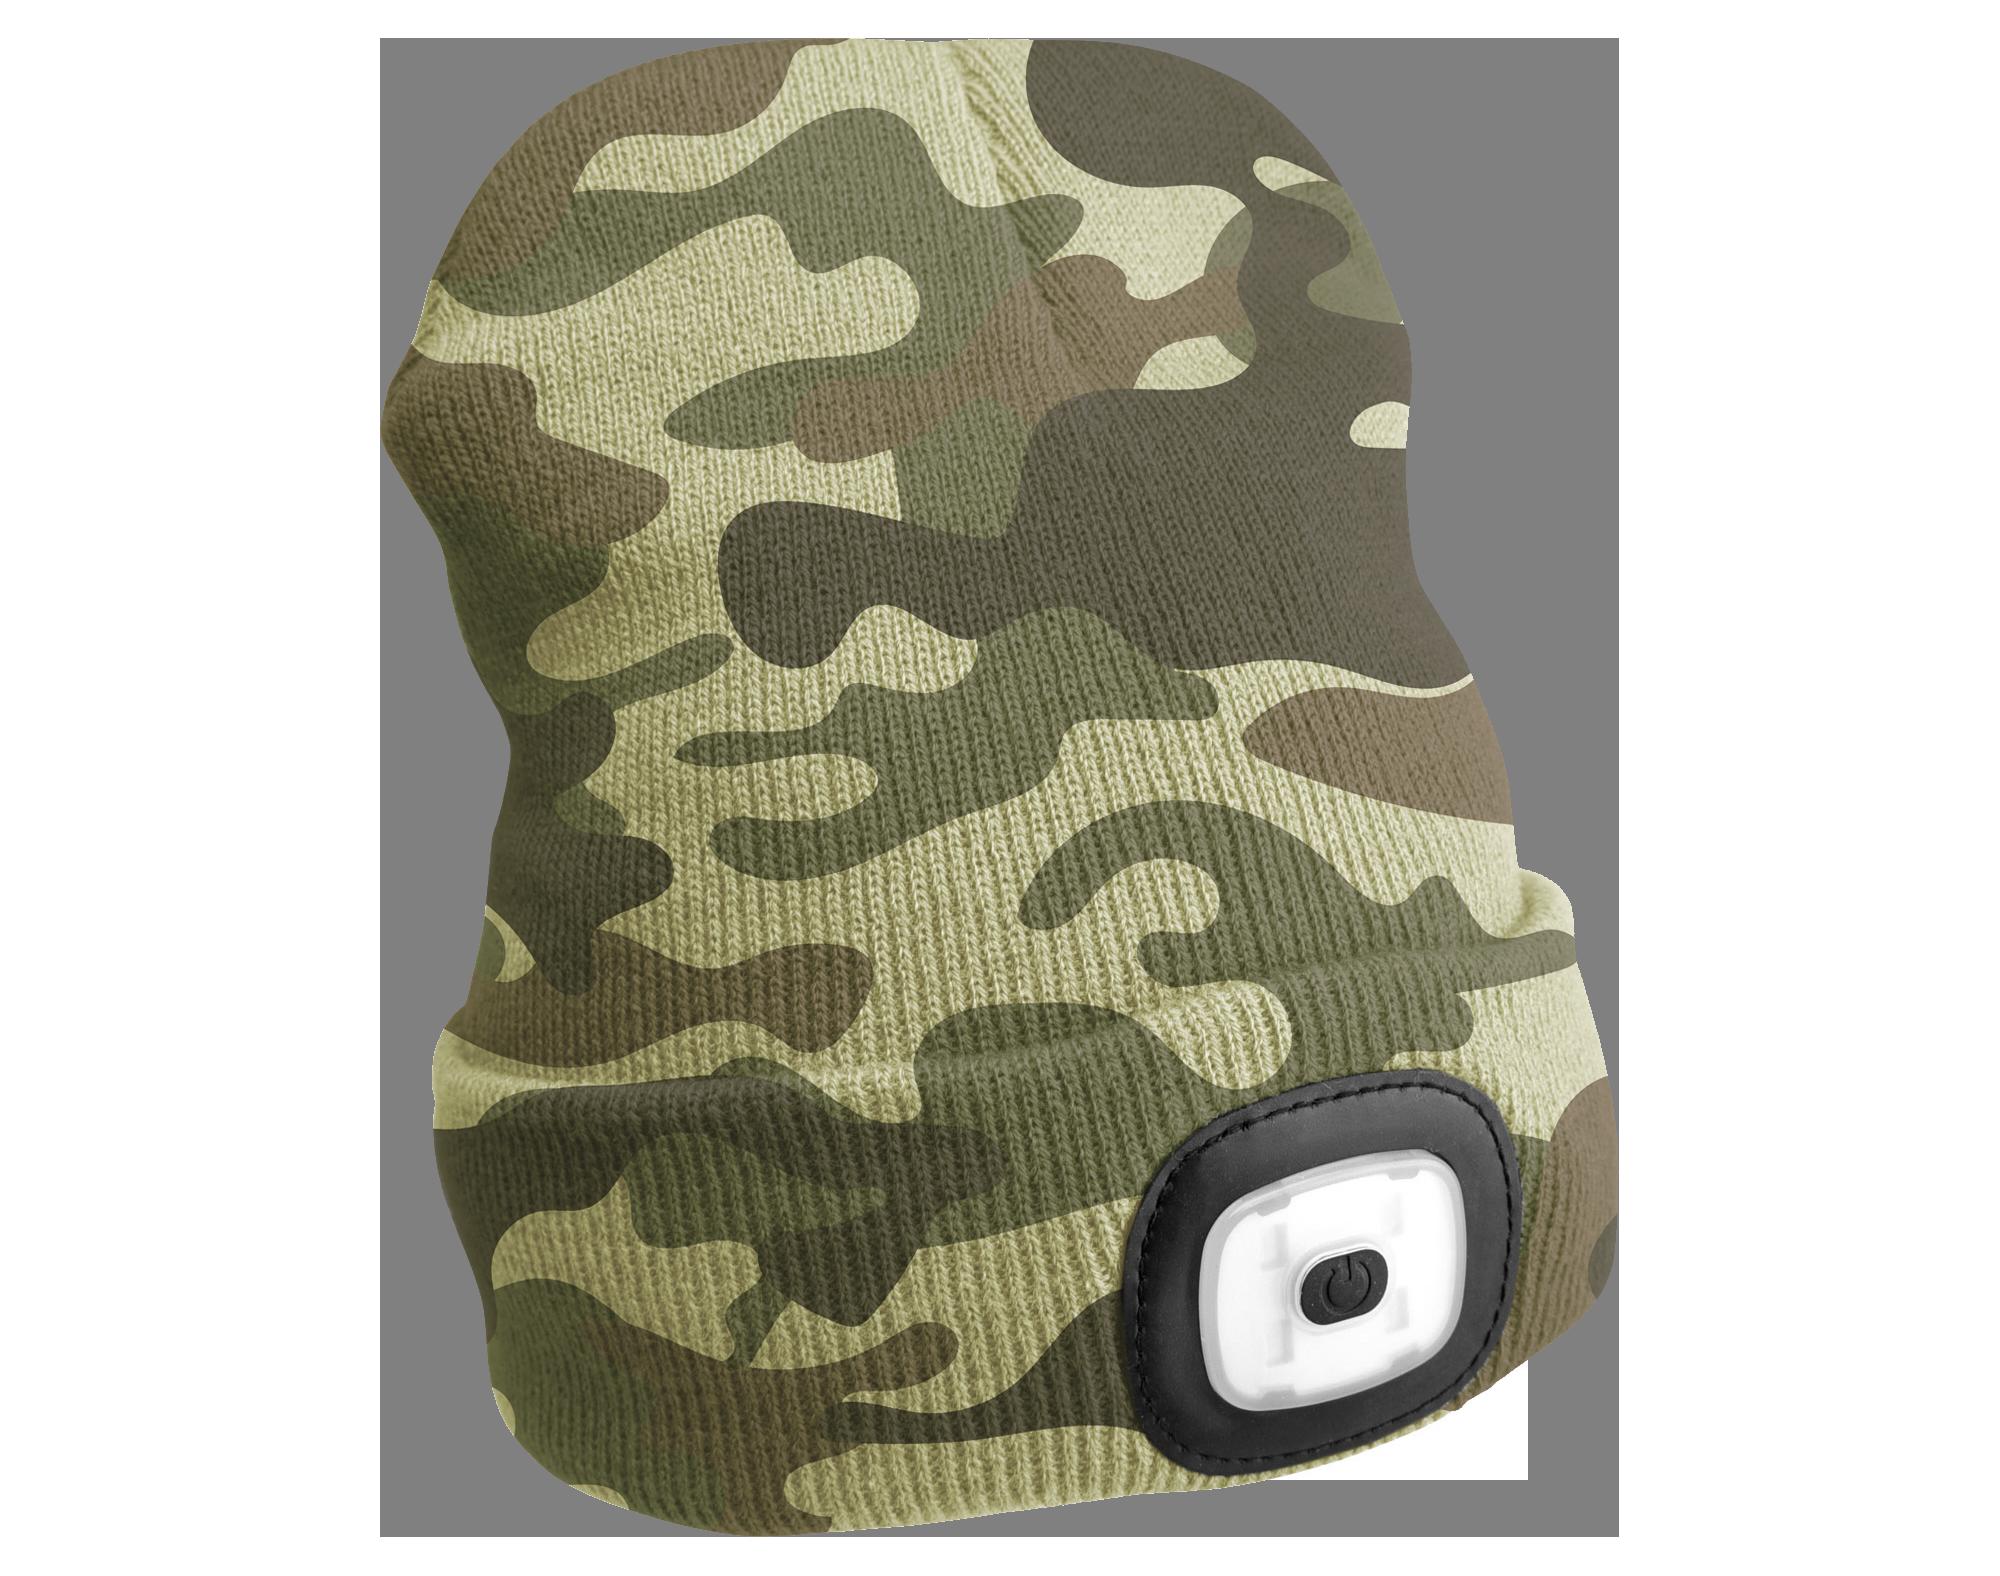 Čepice s čelovkou 45lm, nabíjecí, USB, univerzální velikost, maskáčová SIXTOL